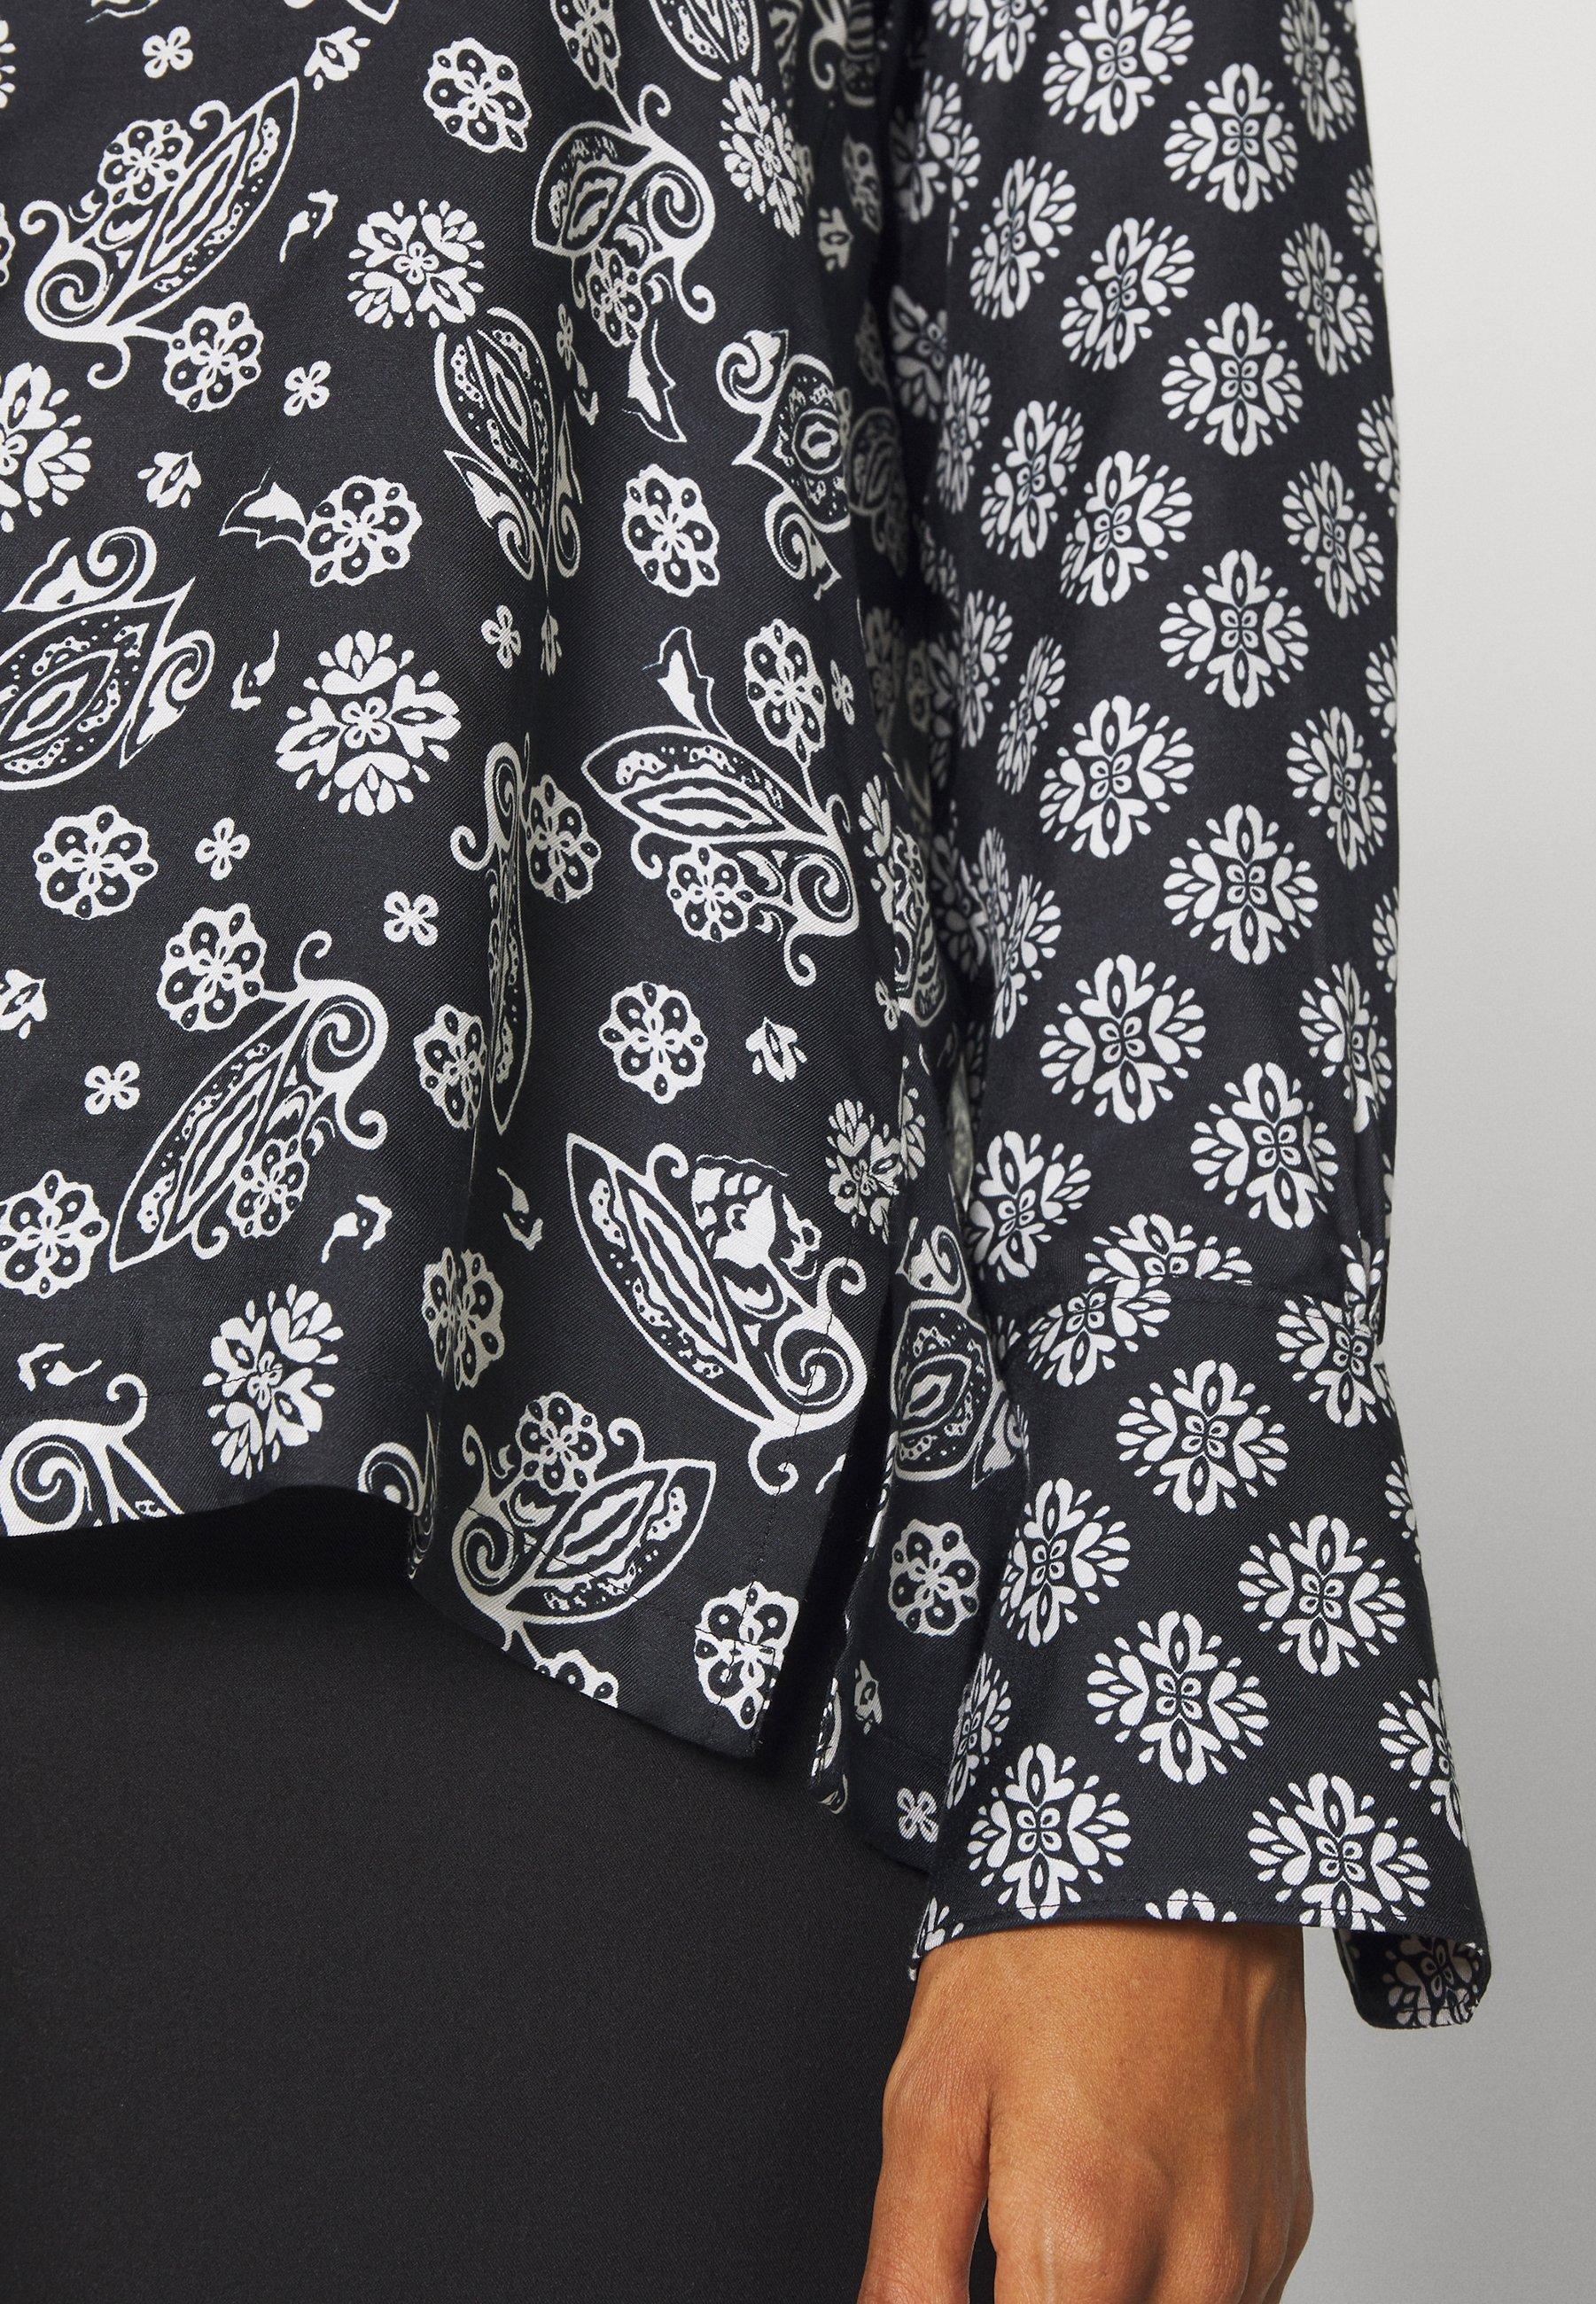 Marc O'Polo BLOUSE COLLAR LONG SLEEVED PRINTED - Overhemdblouse - multi/black - Dameskleding Uniseks